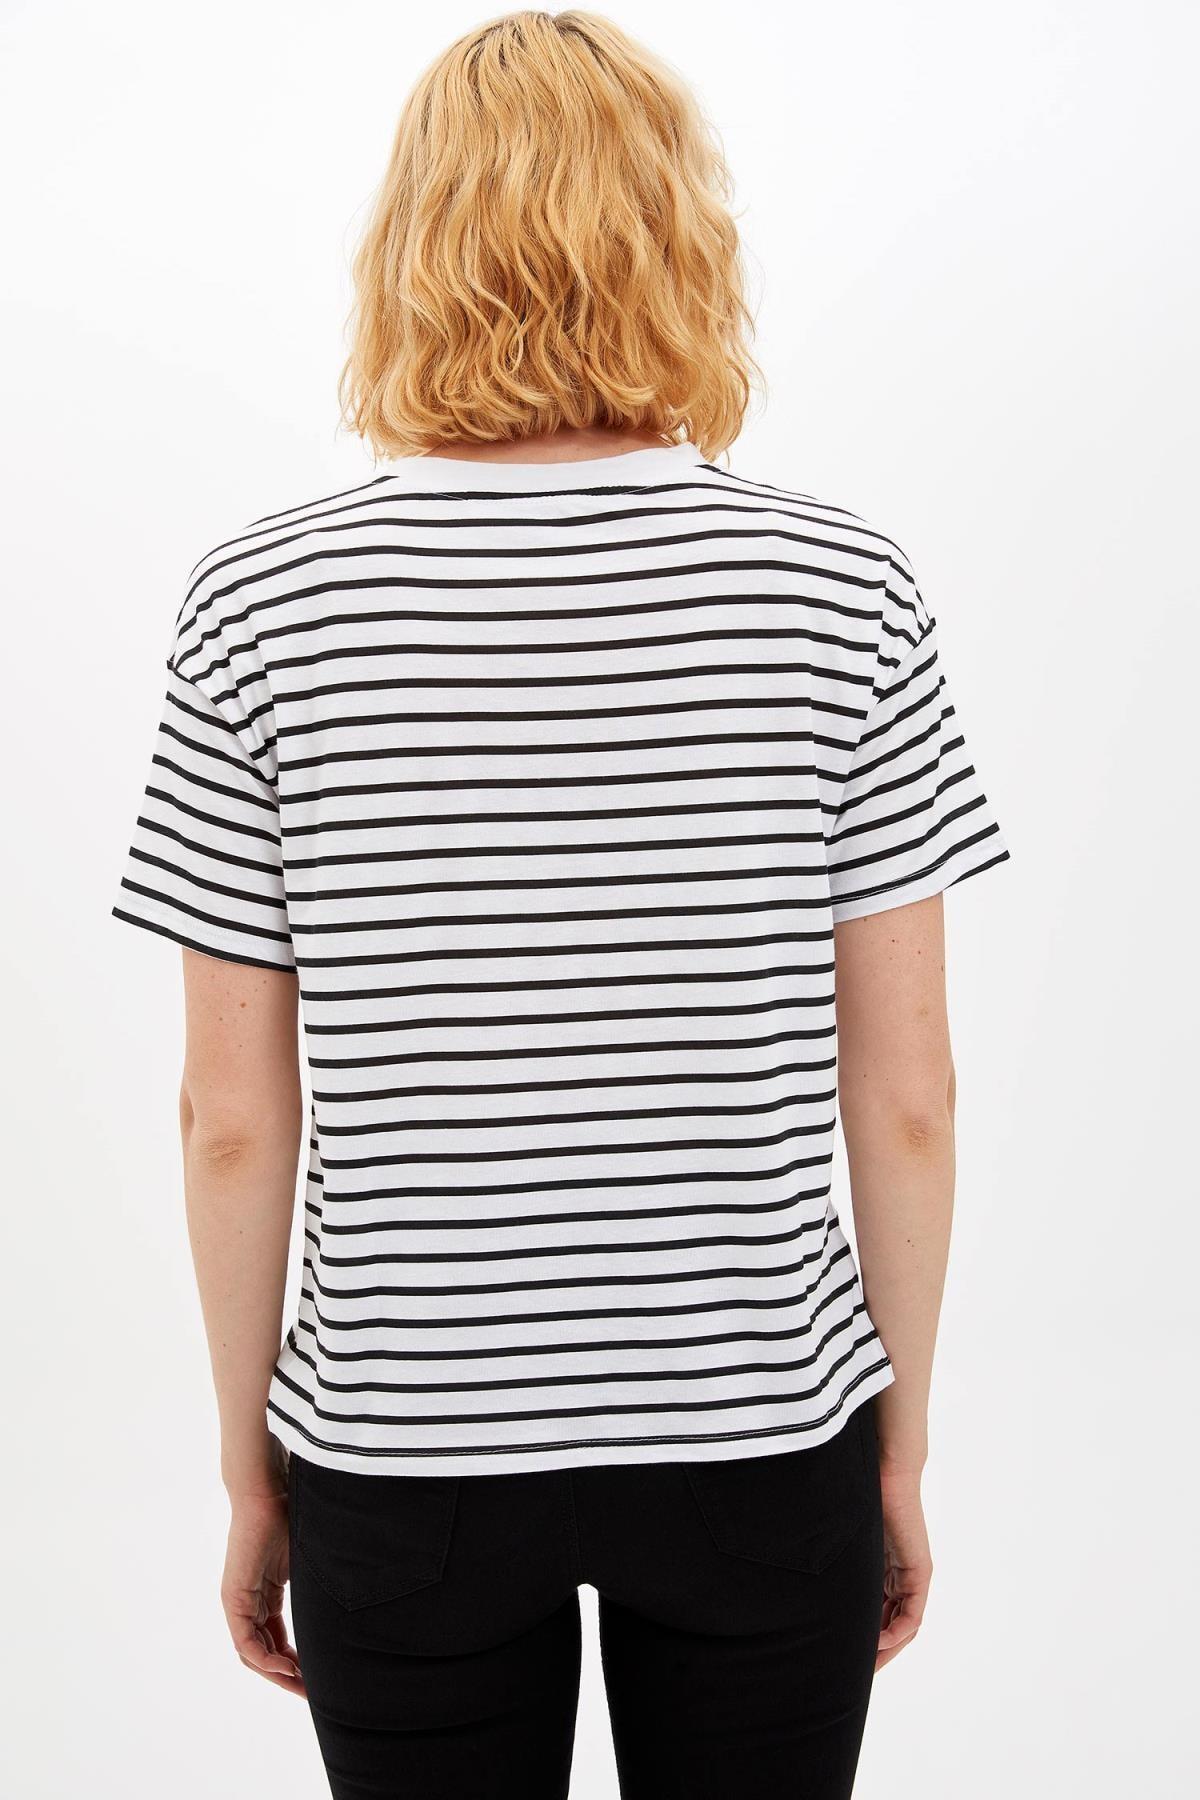 Defacto Kadın Beyaz Garfield Lisanslı Kısa Kollu T-shirt M2396AZ.19AU.WT34 4